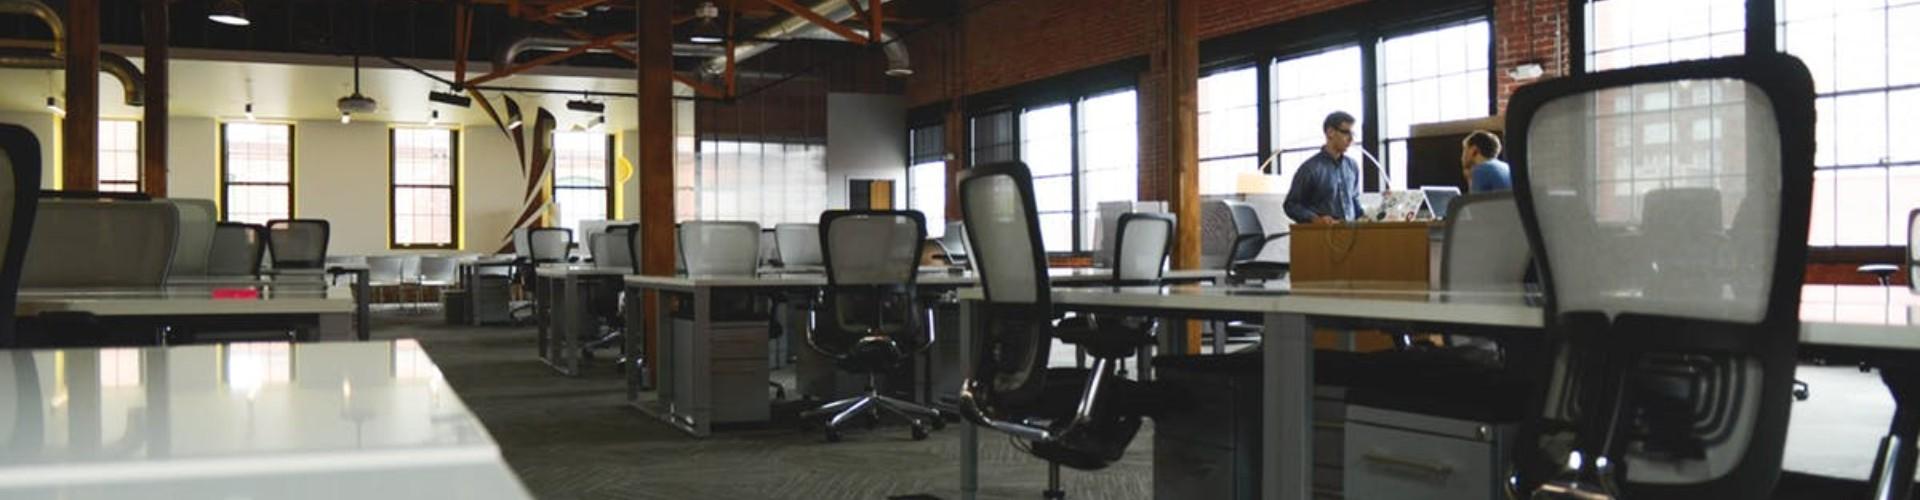 Co robimy w pracy, kiedy nikt nie patrzy? Badanie 2020